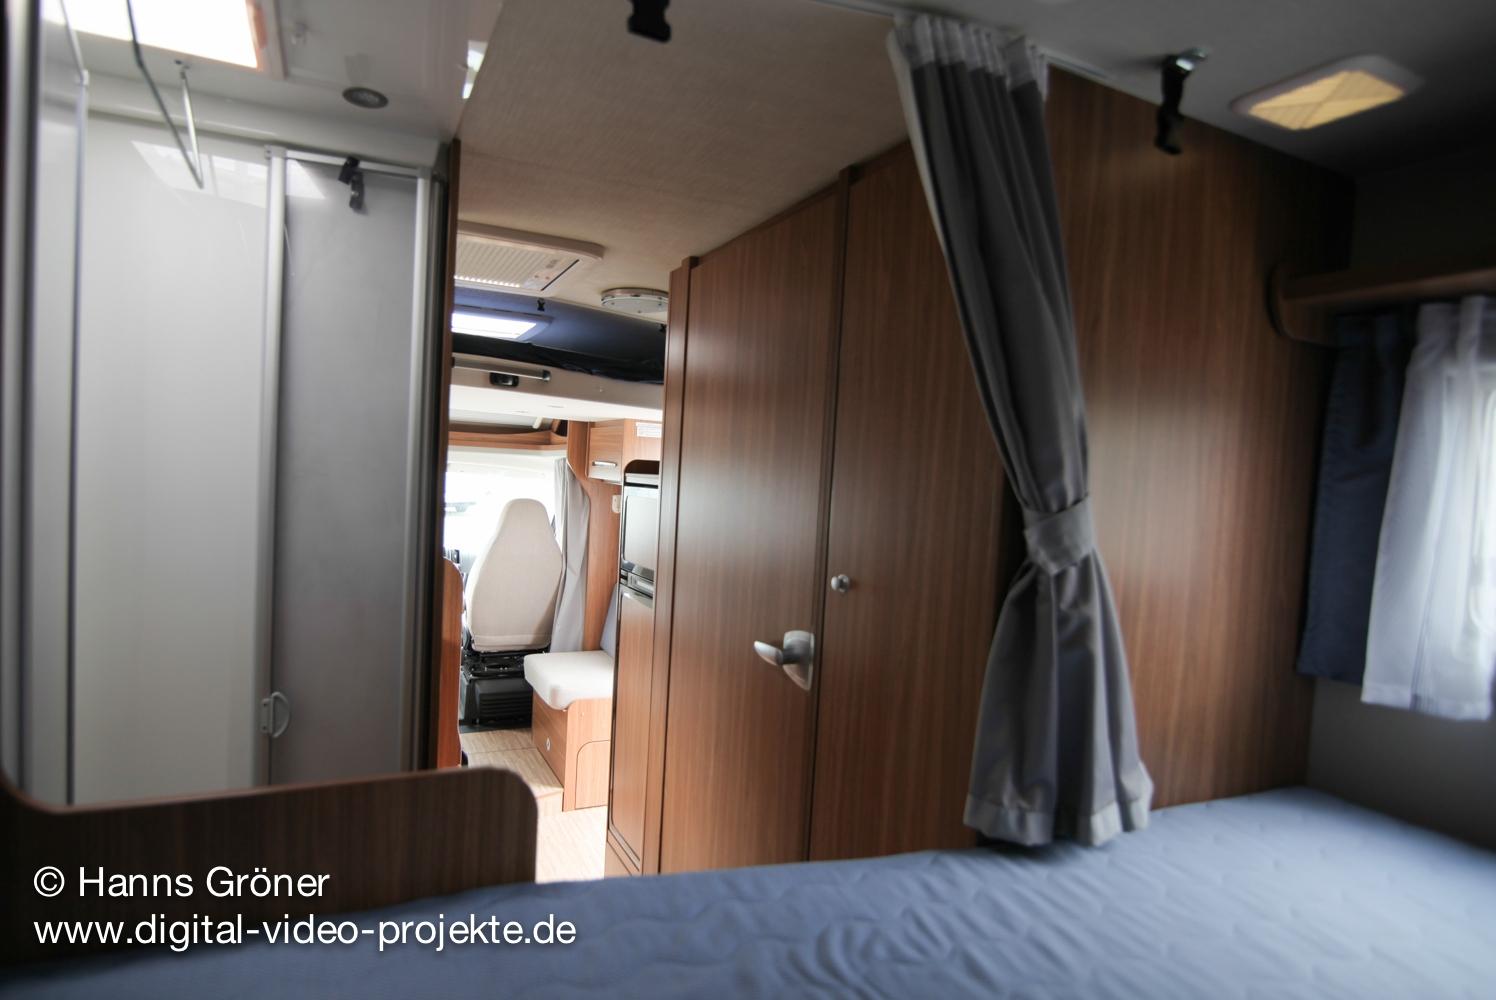 Carado T334 innen  Schlafbereich mit offener Türe